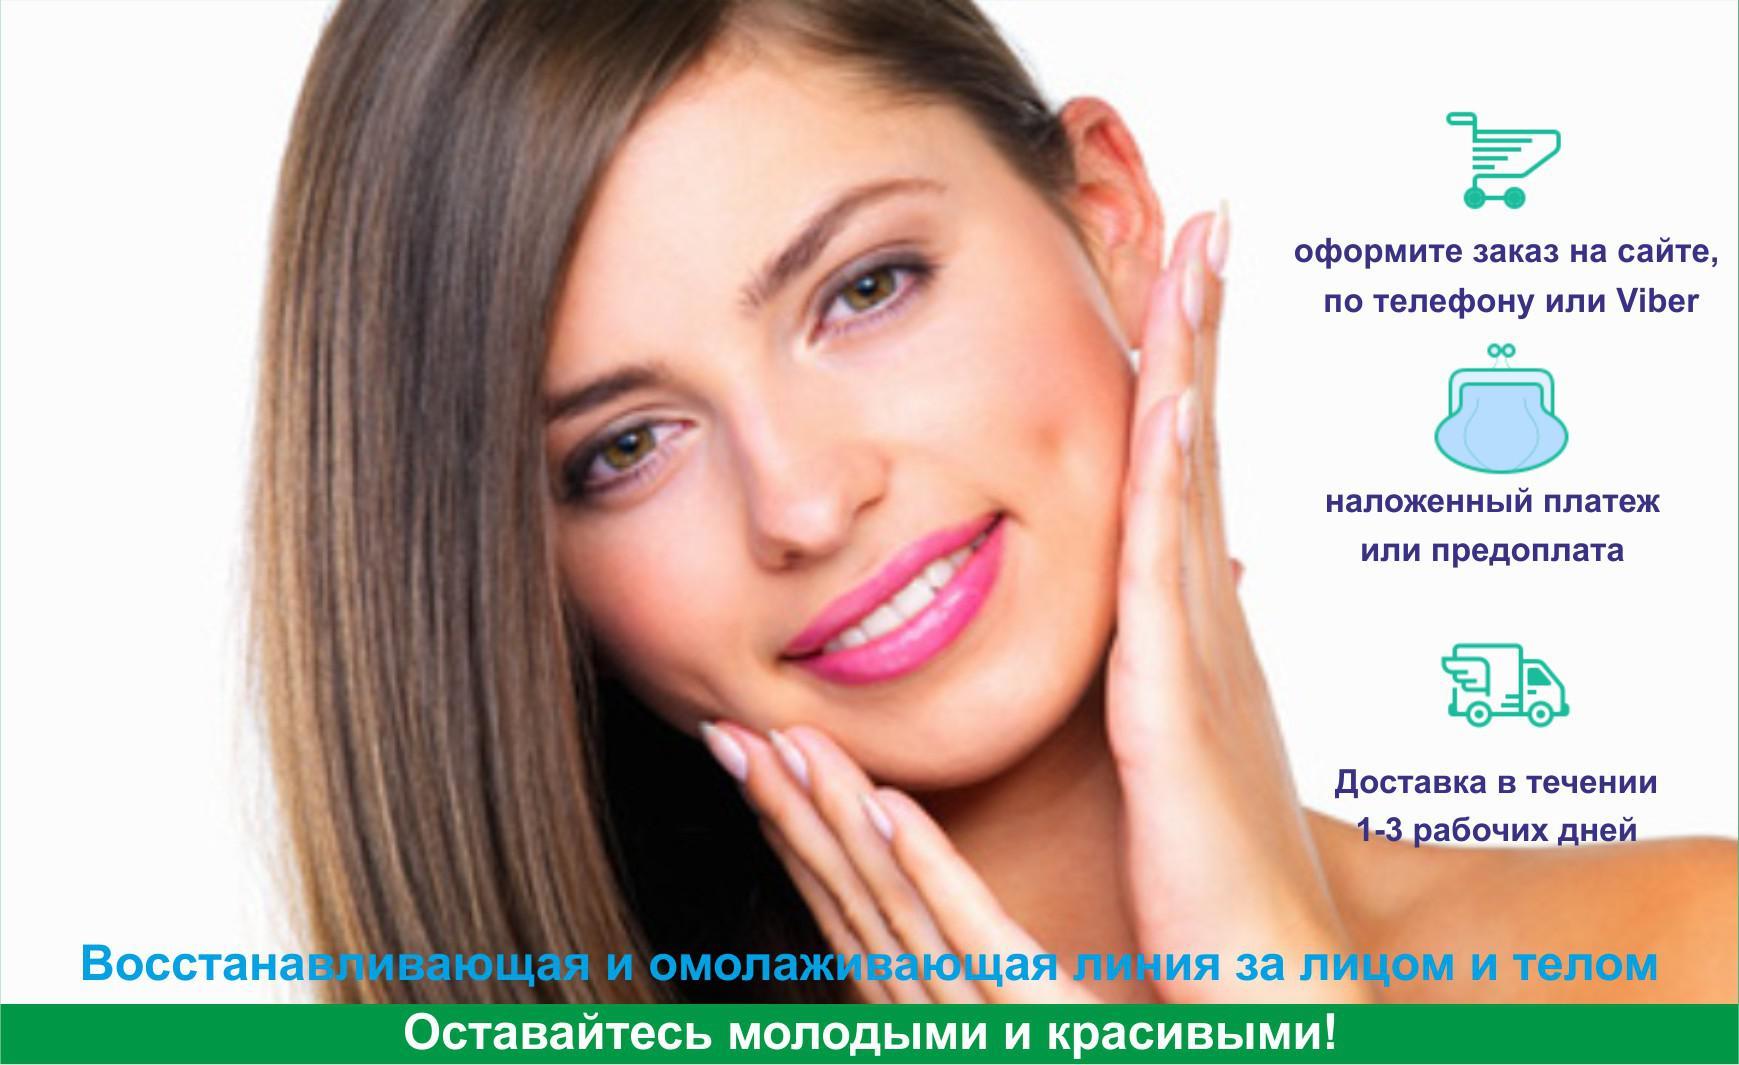 Купить шоколад слим в украине отзывы